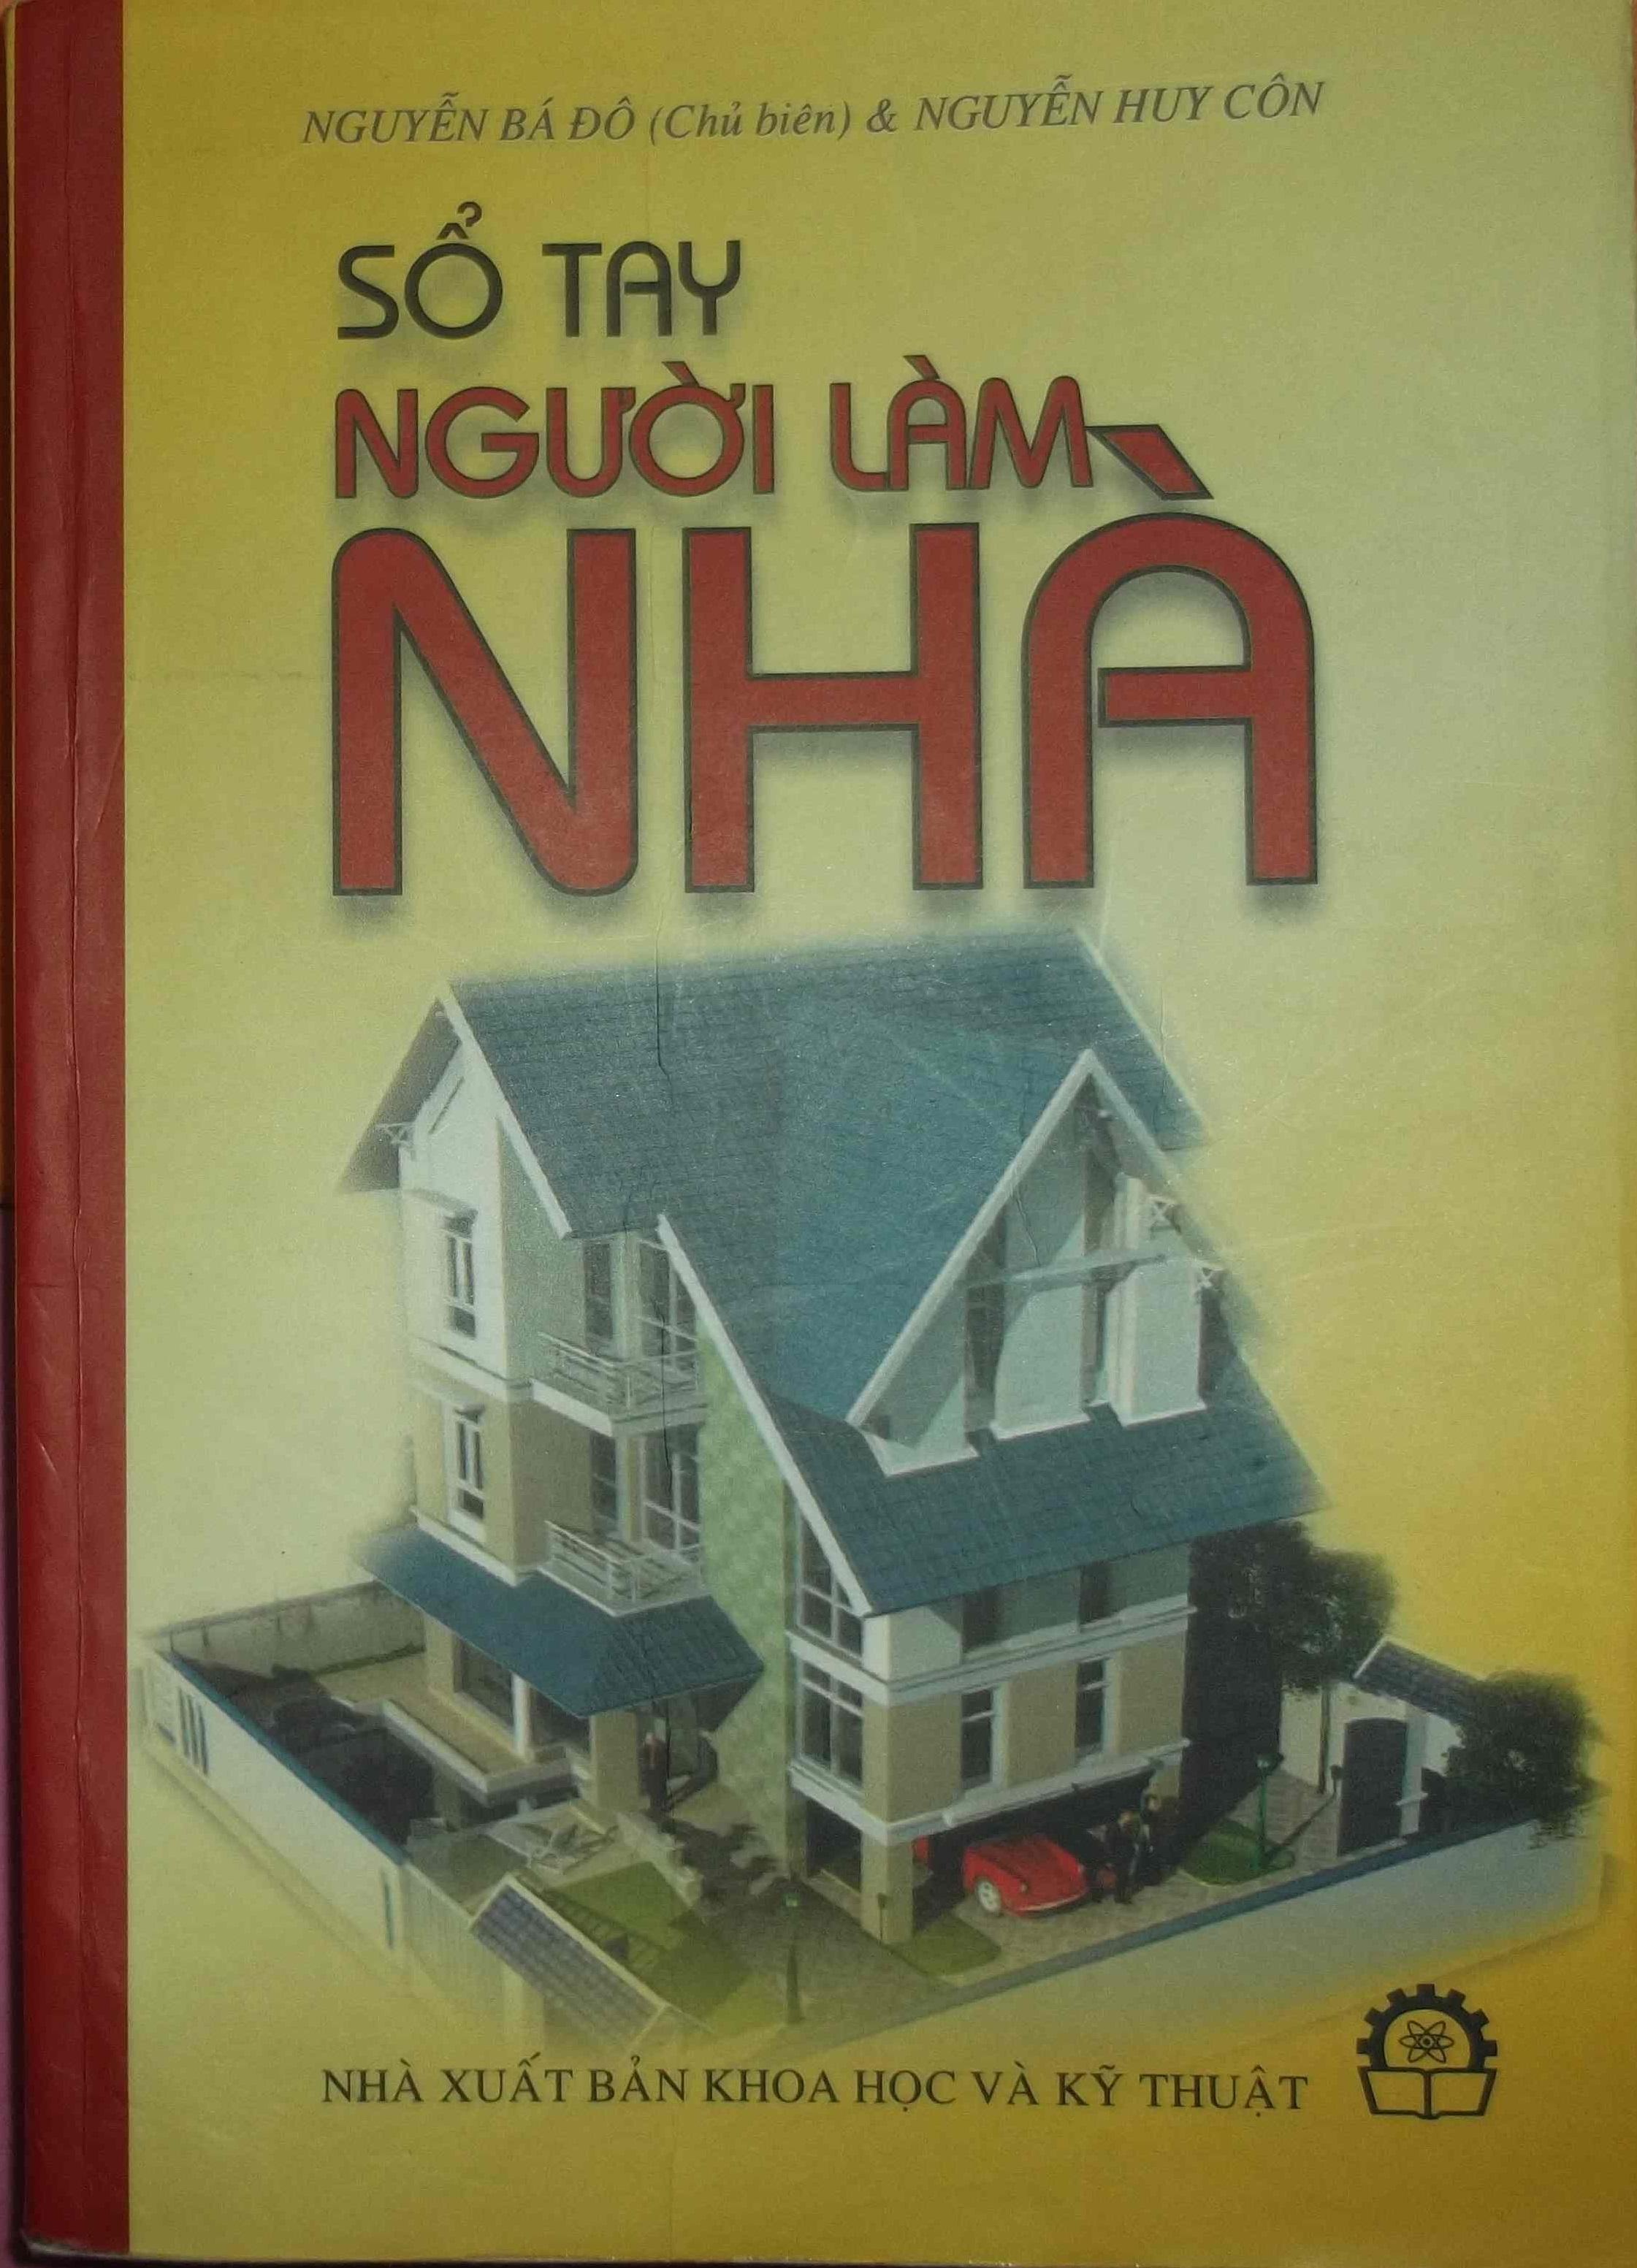 Sổ tay người làm nhà - Nguyễn Bá Đô